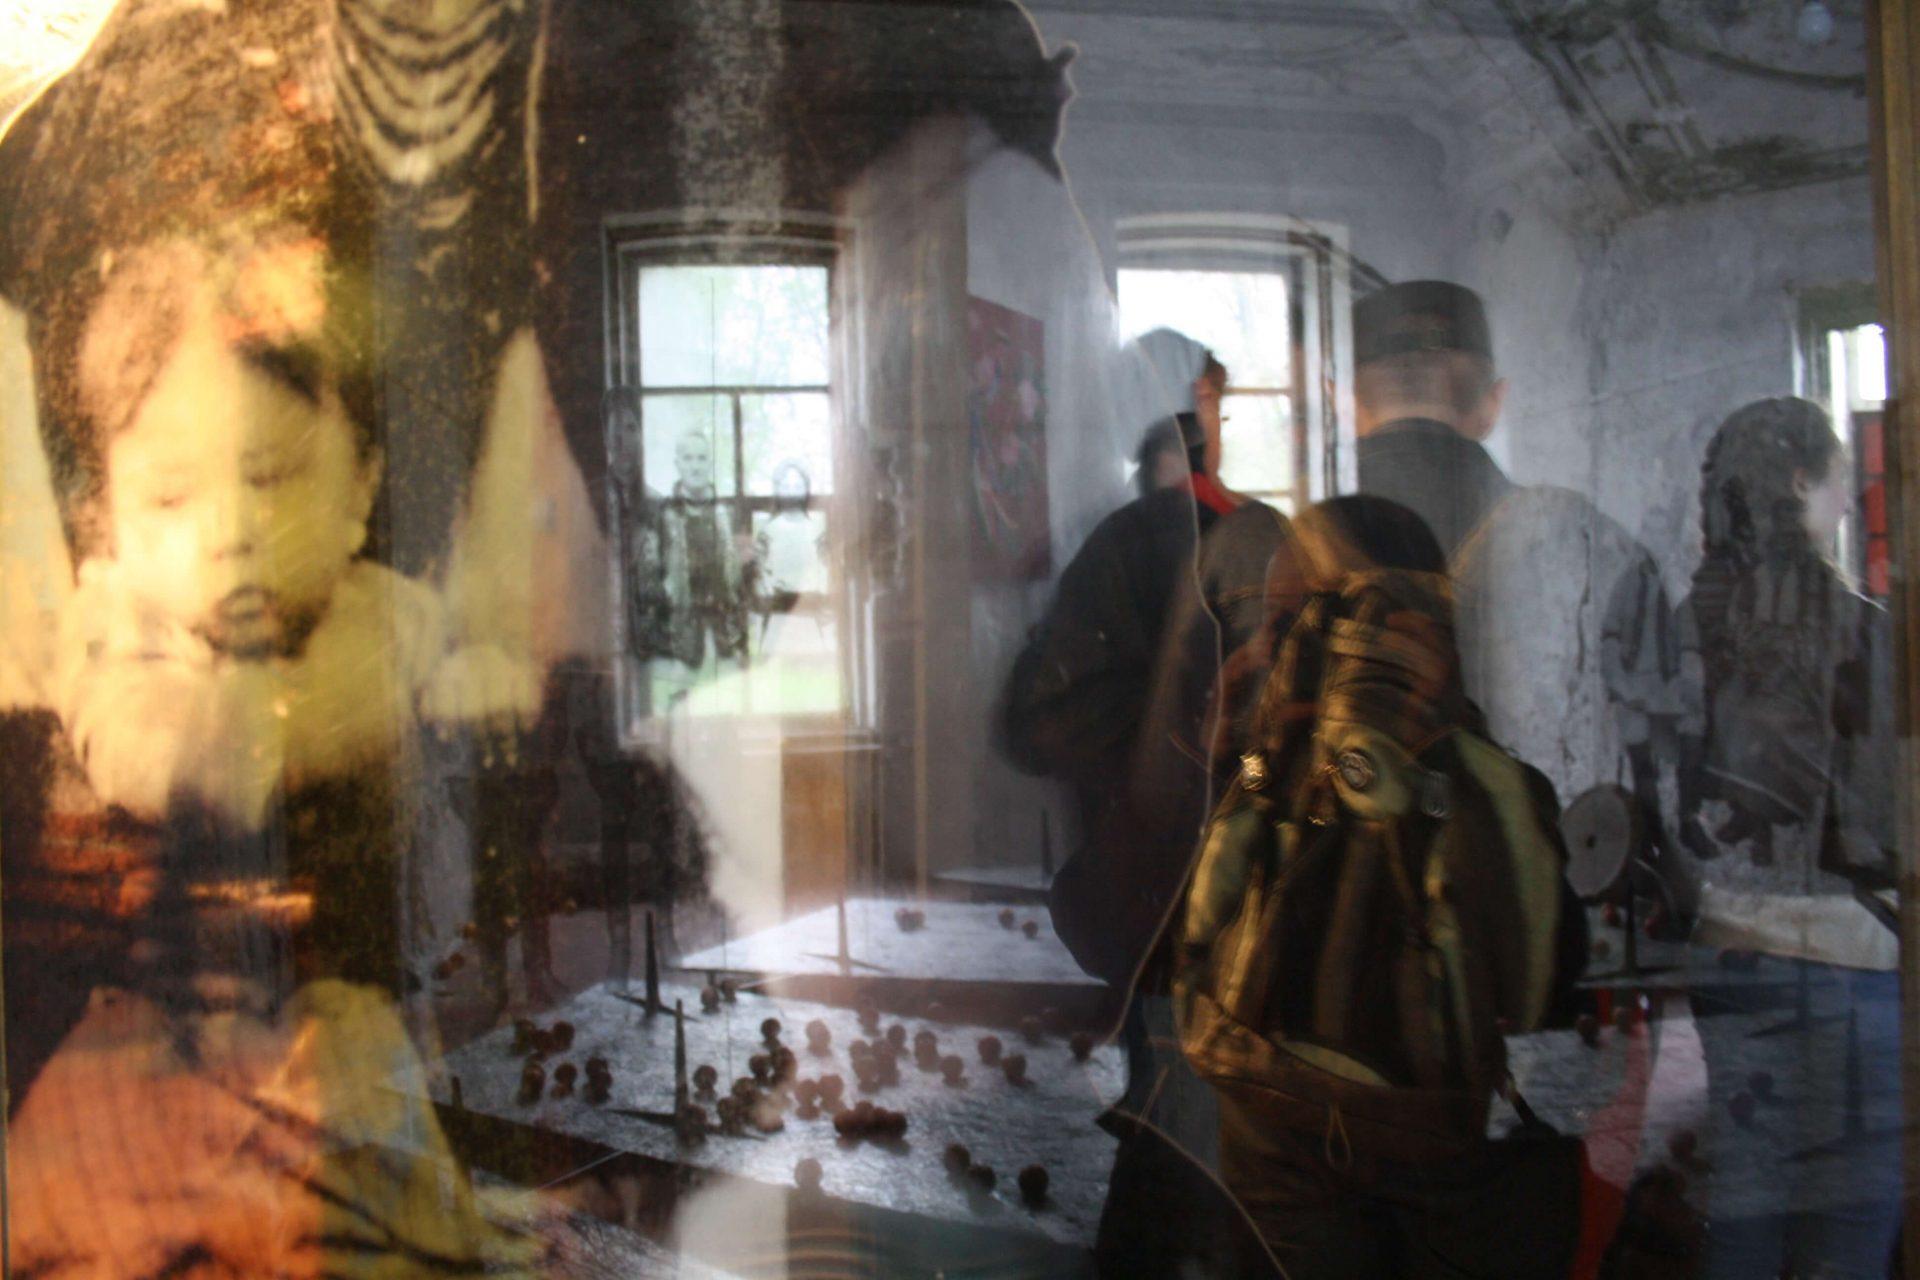 Фото людей, зображення яких відбивається у склі